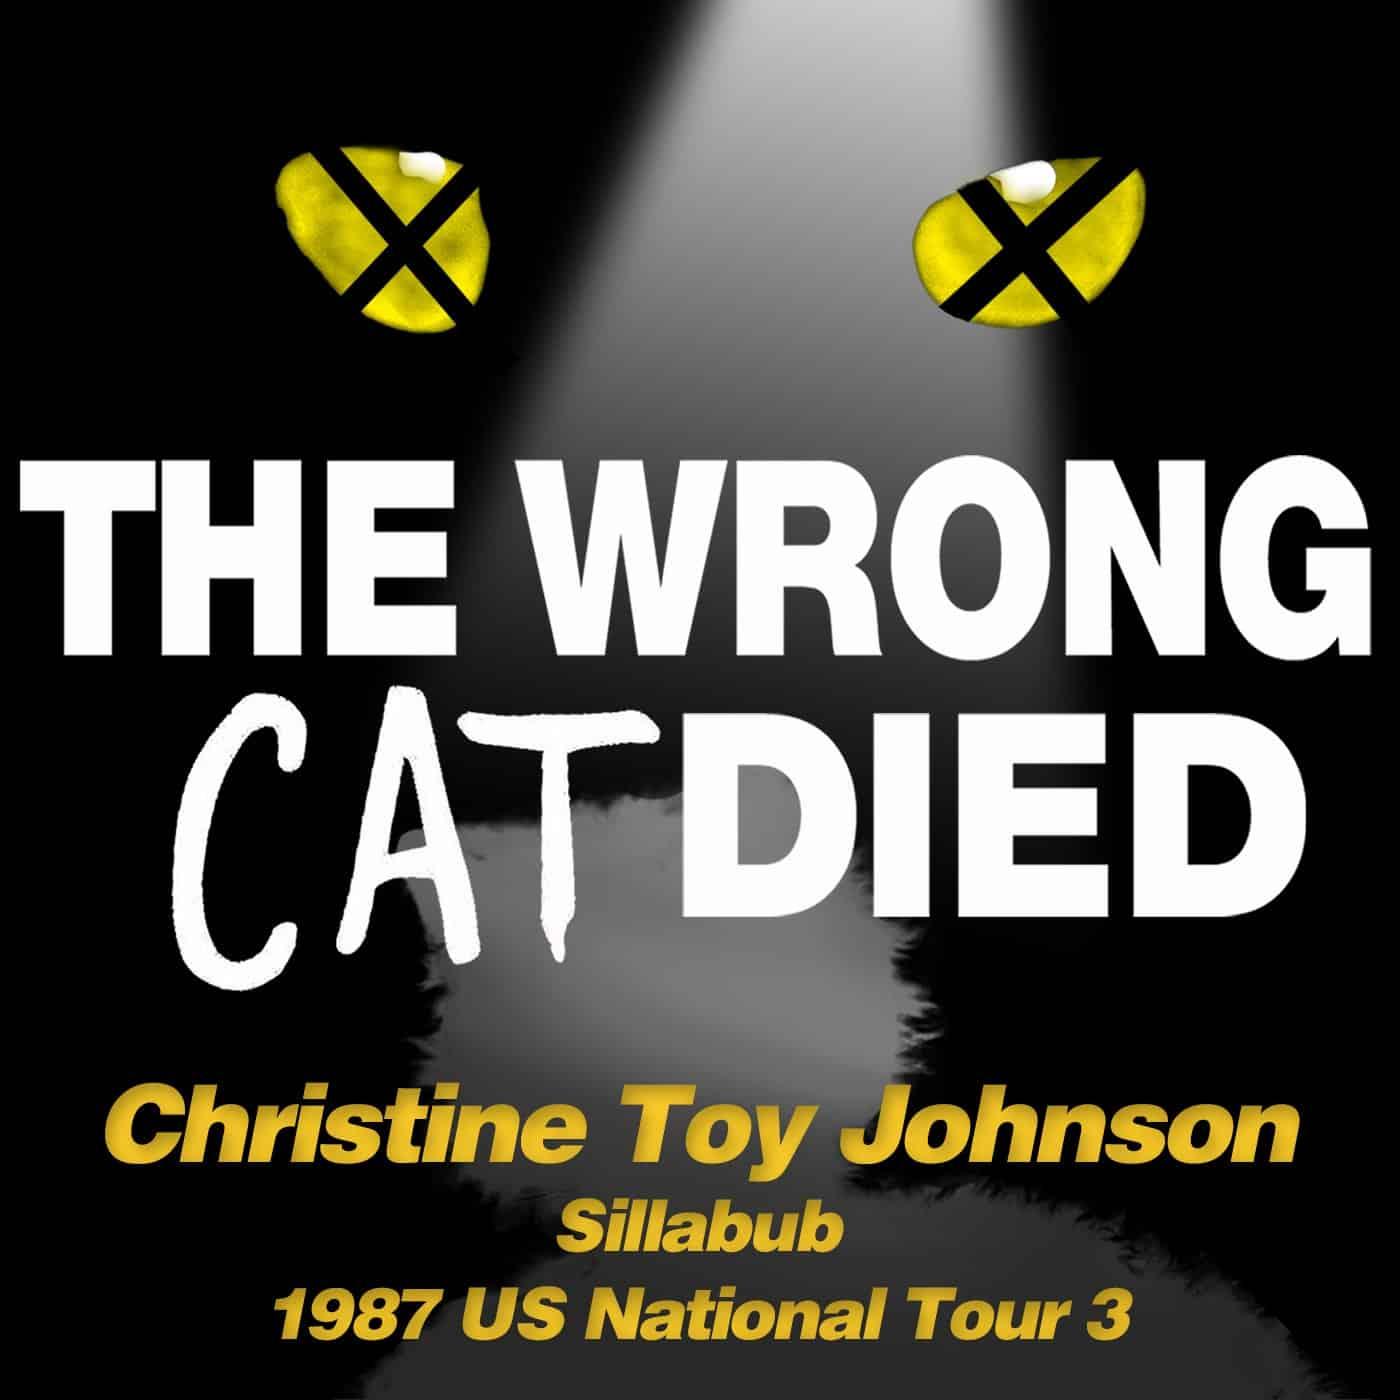 Ep46 - Christine Toy Johnson, Sillabub on 1987 US National Tour 3